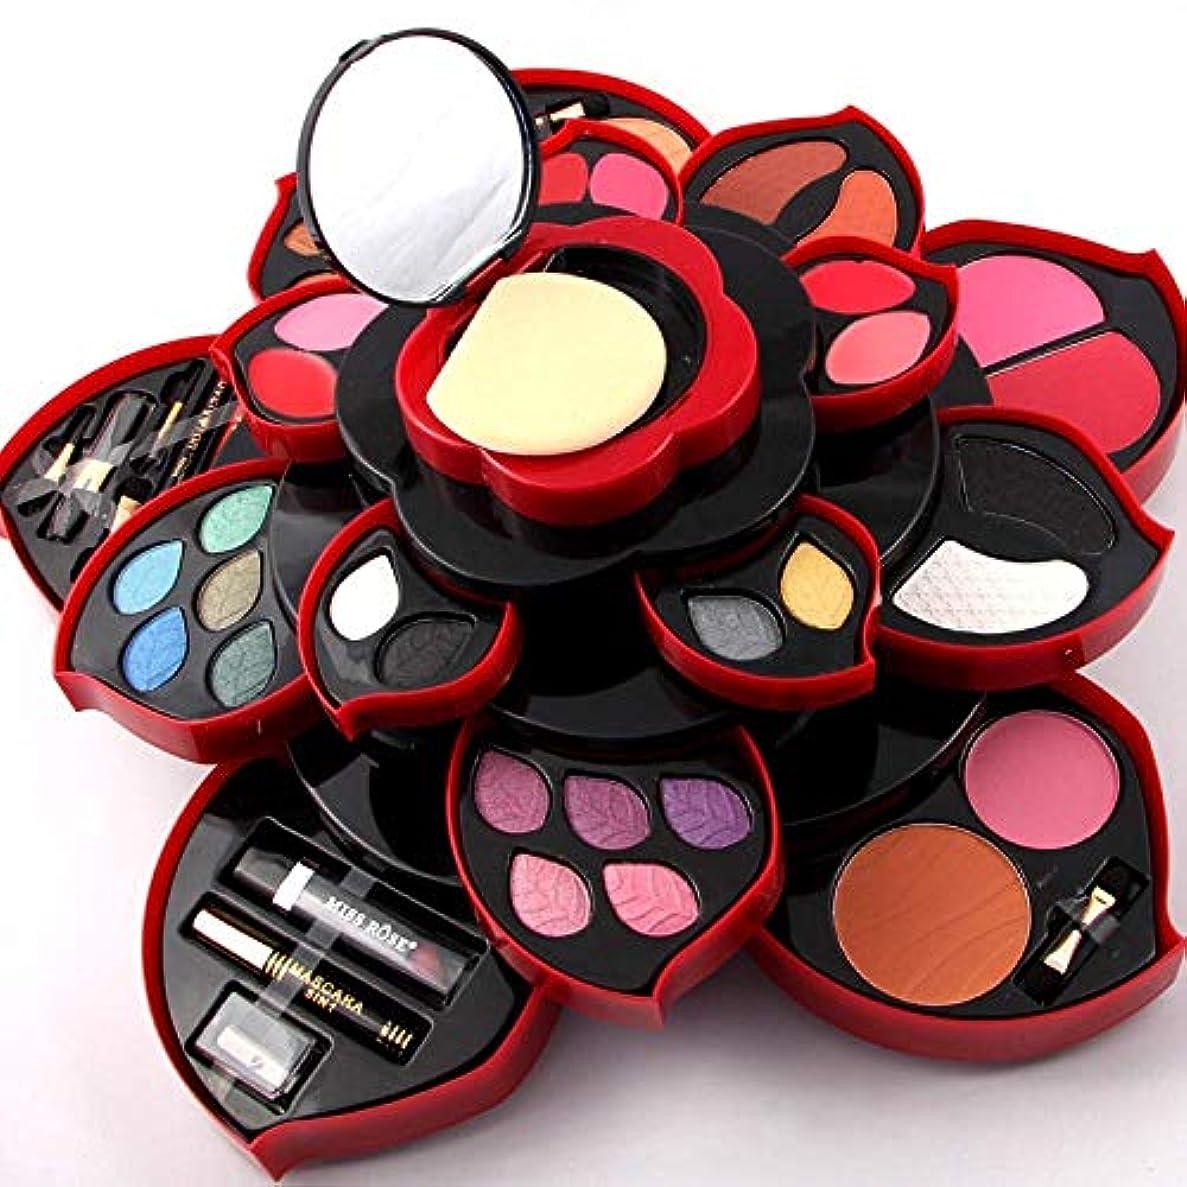 偽装する大騒ぎ助言アイシャドウの化粧パレット、マット&シマーアイシャドウ、化粧鏡付きの高度に着色された化粧パレット